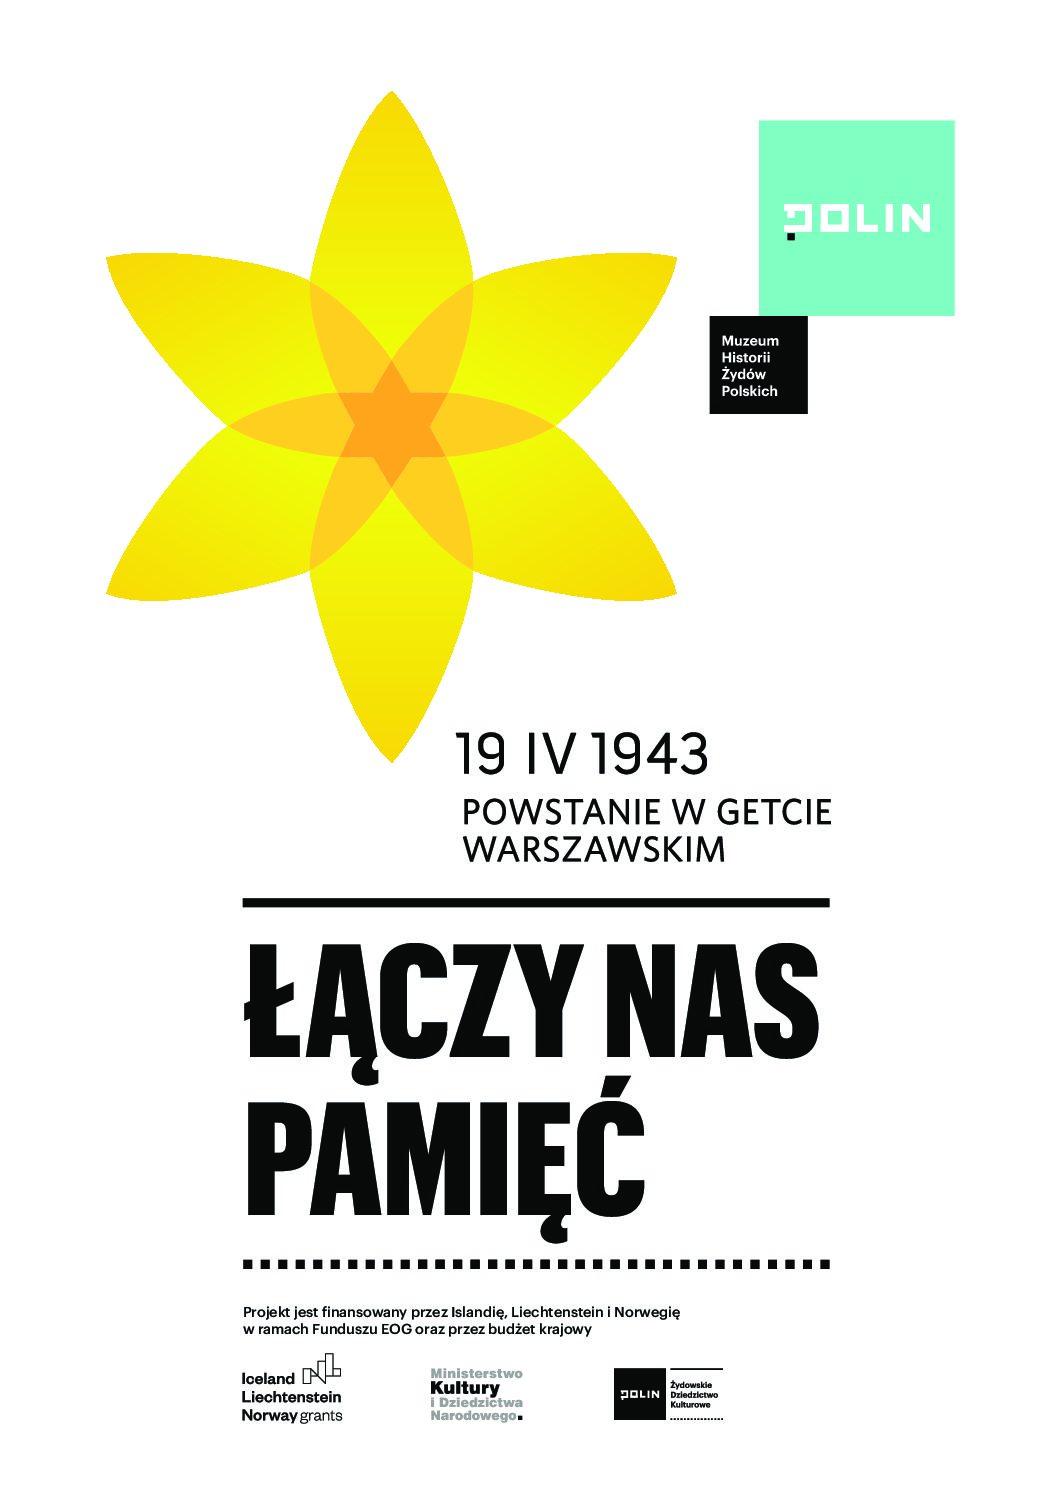 Rocznica wybuchu powstania w getcie warszawskim